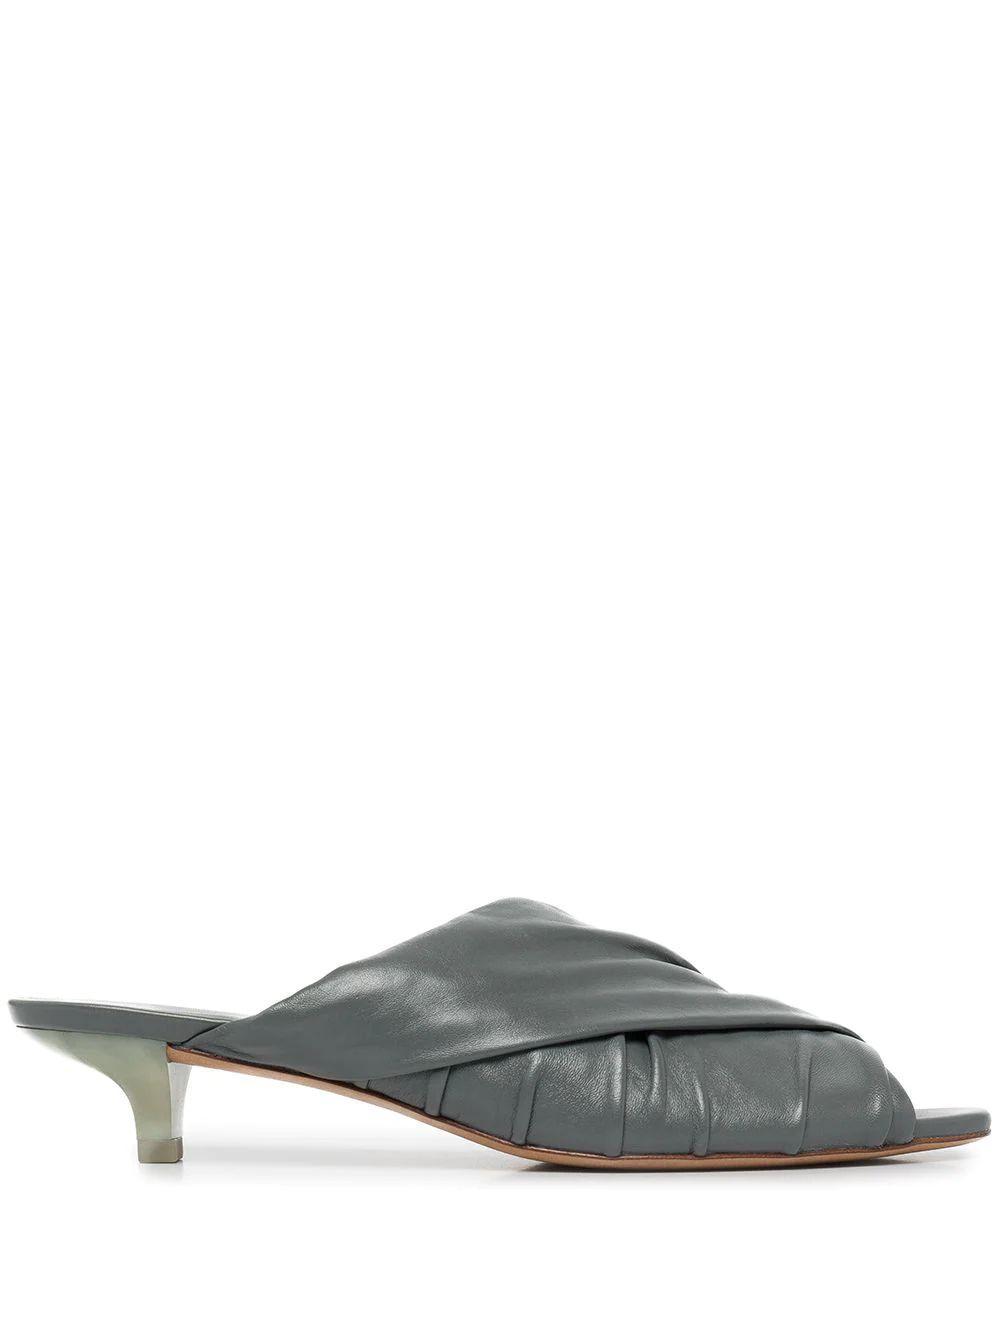 Zoey Suede Shimmer Block Heel Sandal Item # ZOEY